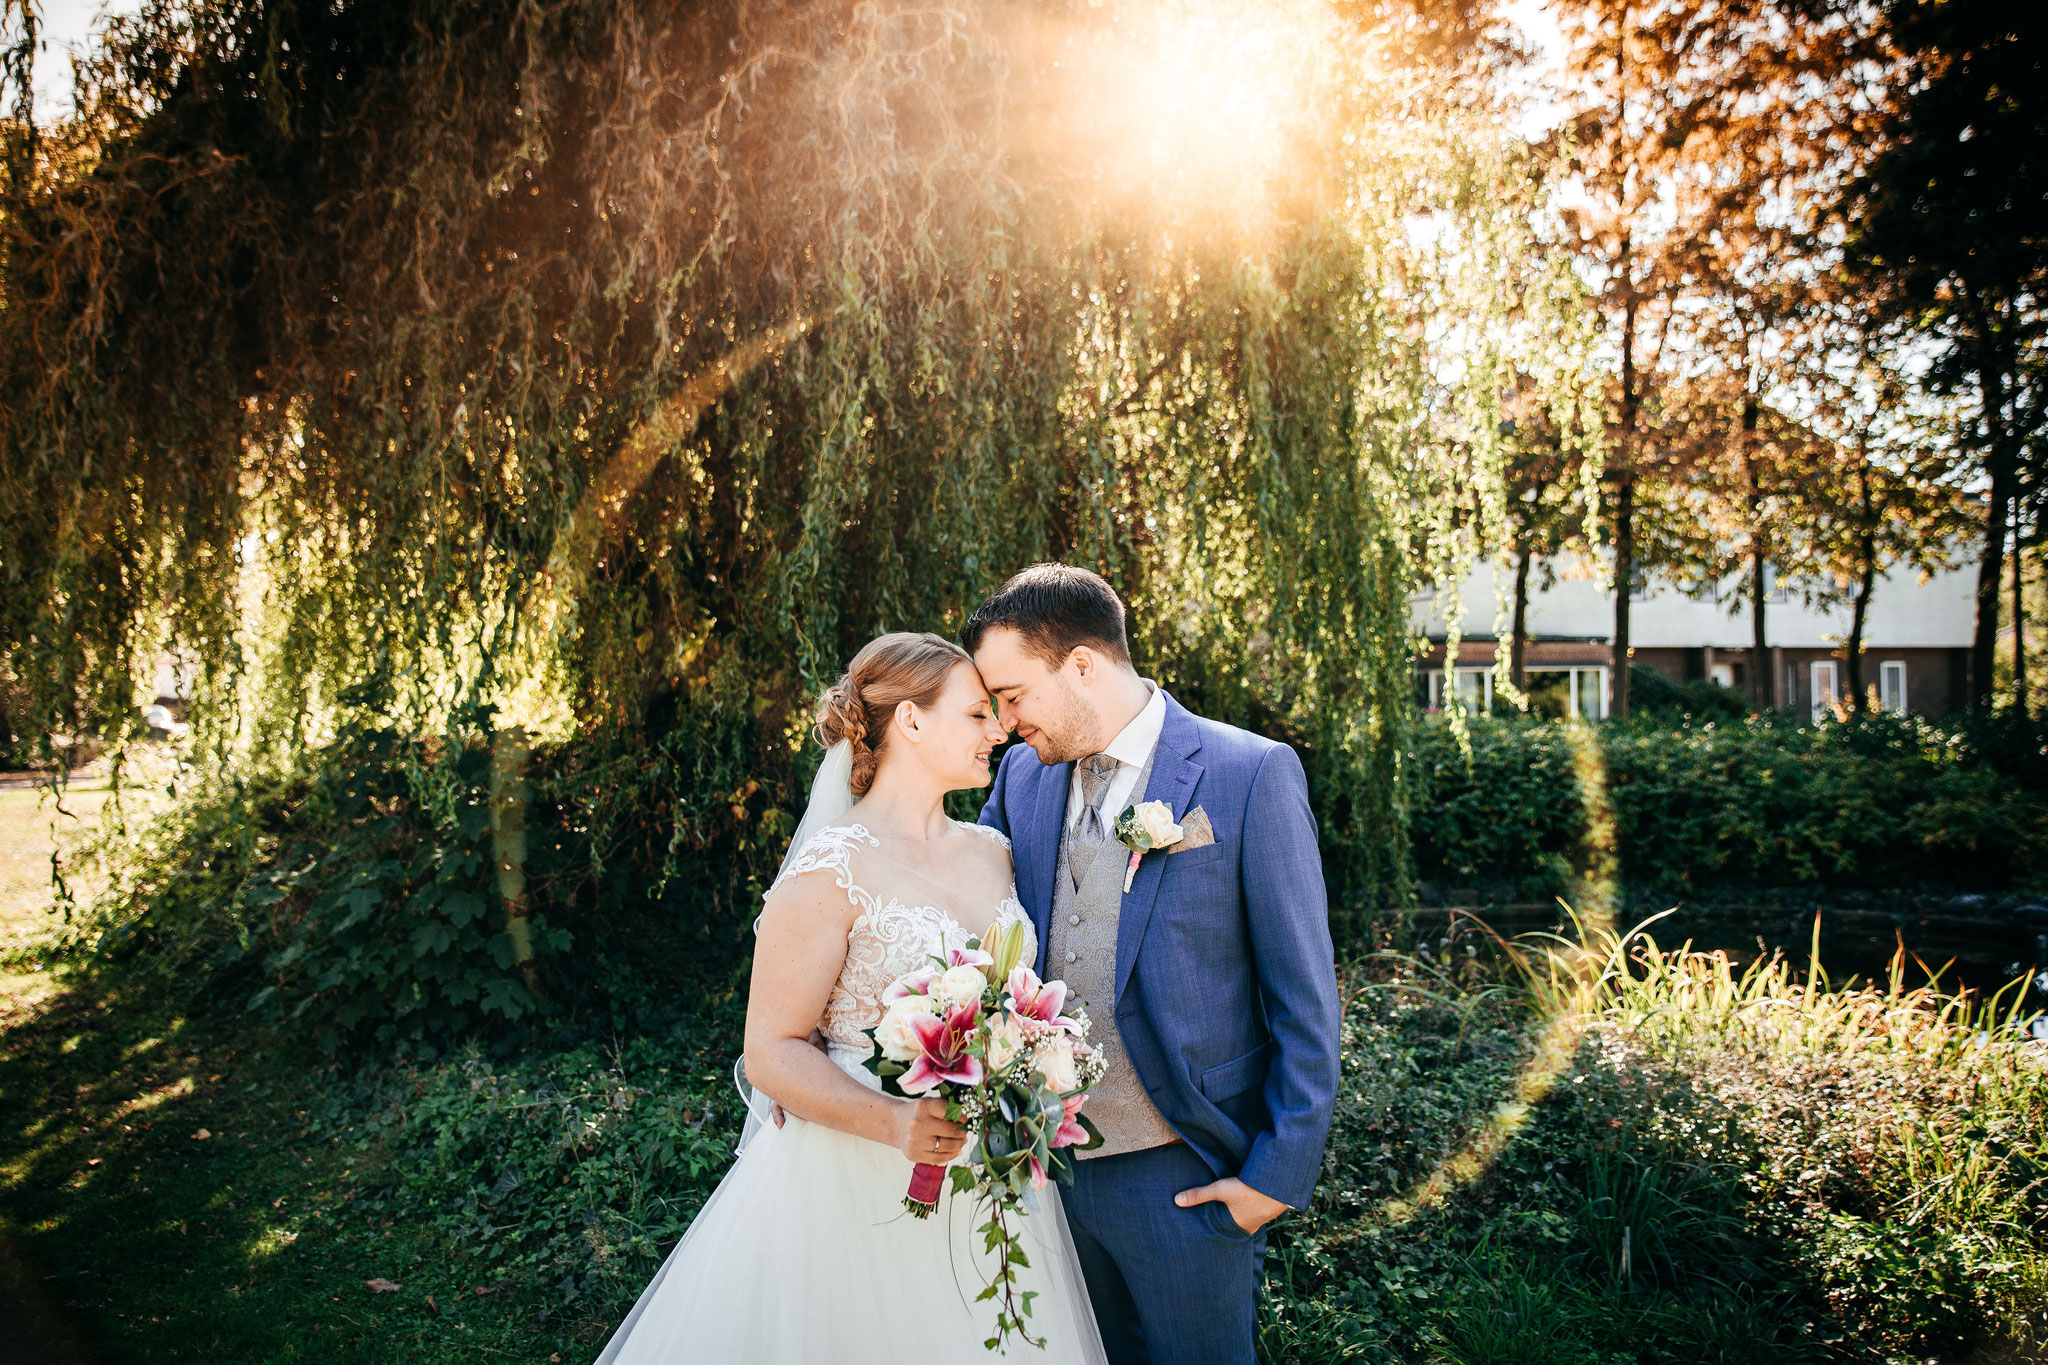 Vicky & Alex - Hochzeitsfotografen aus Osnabrück